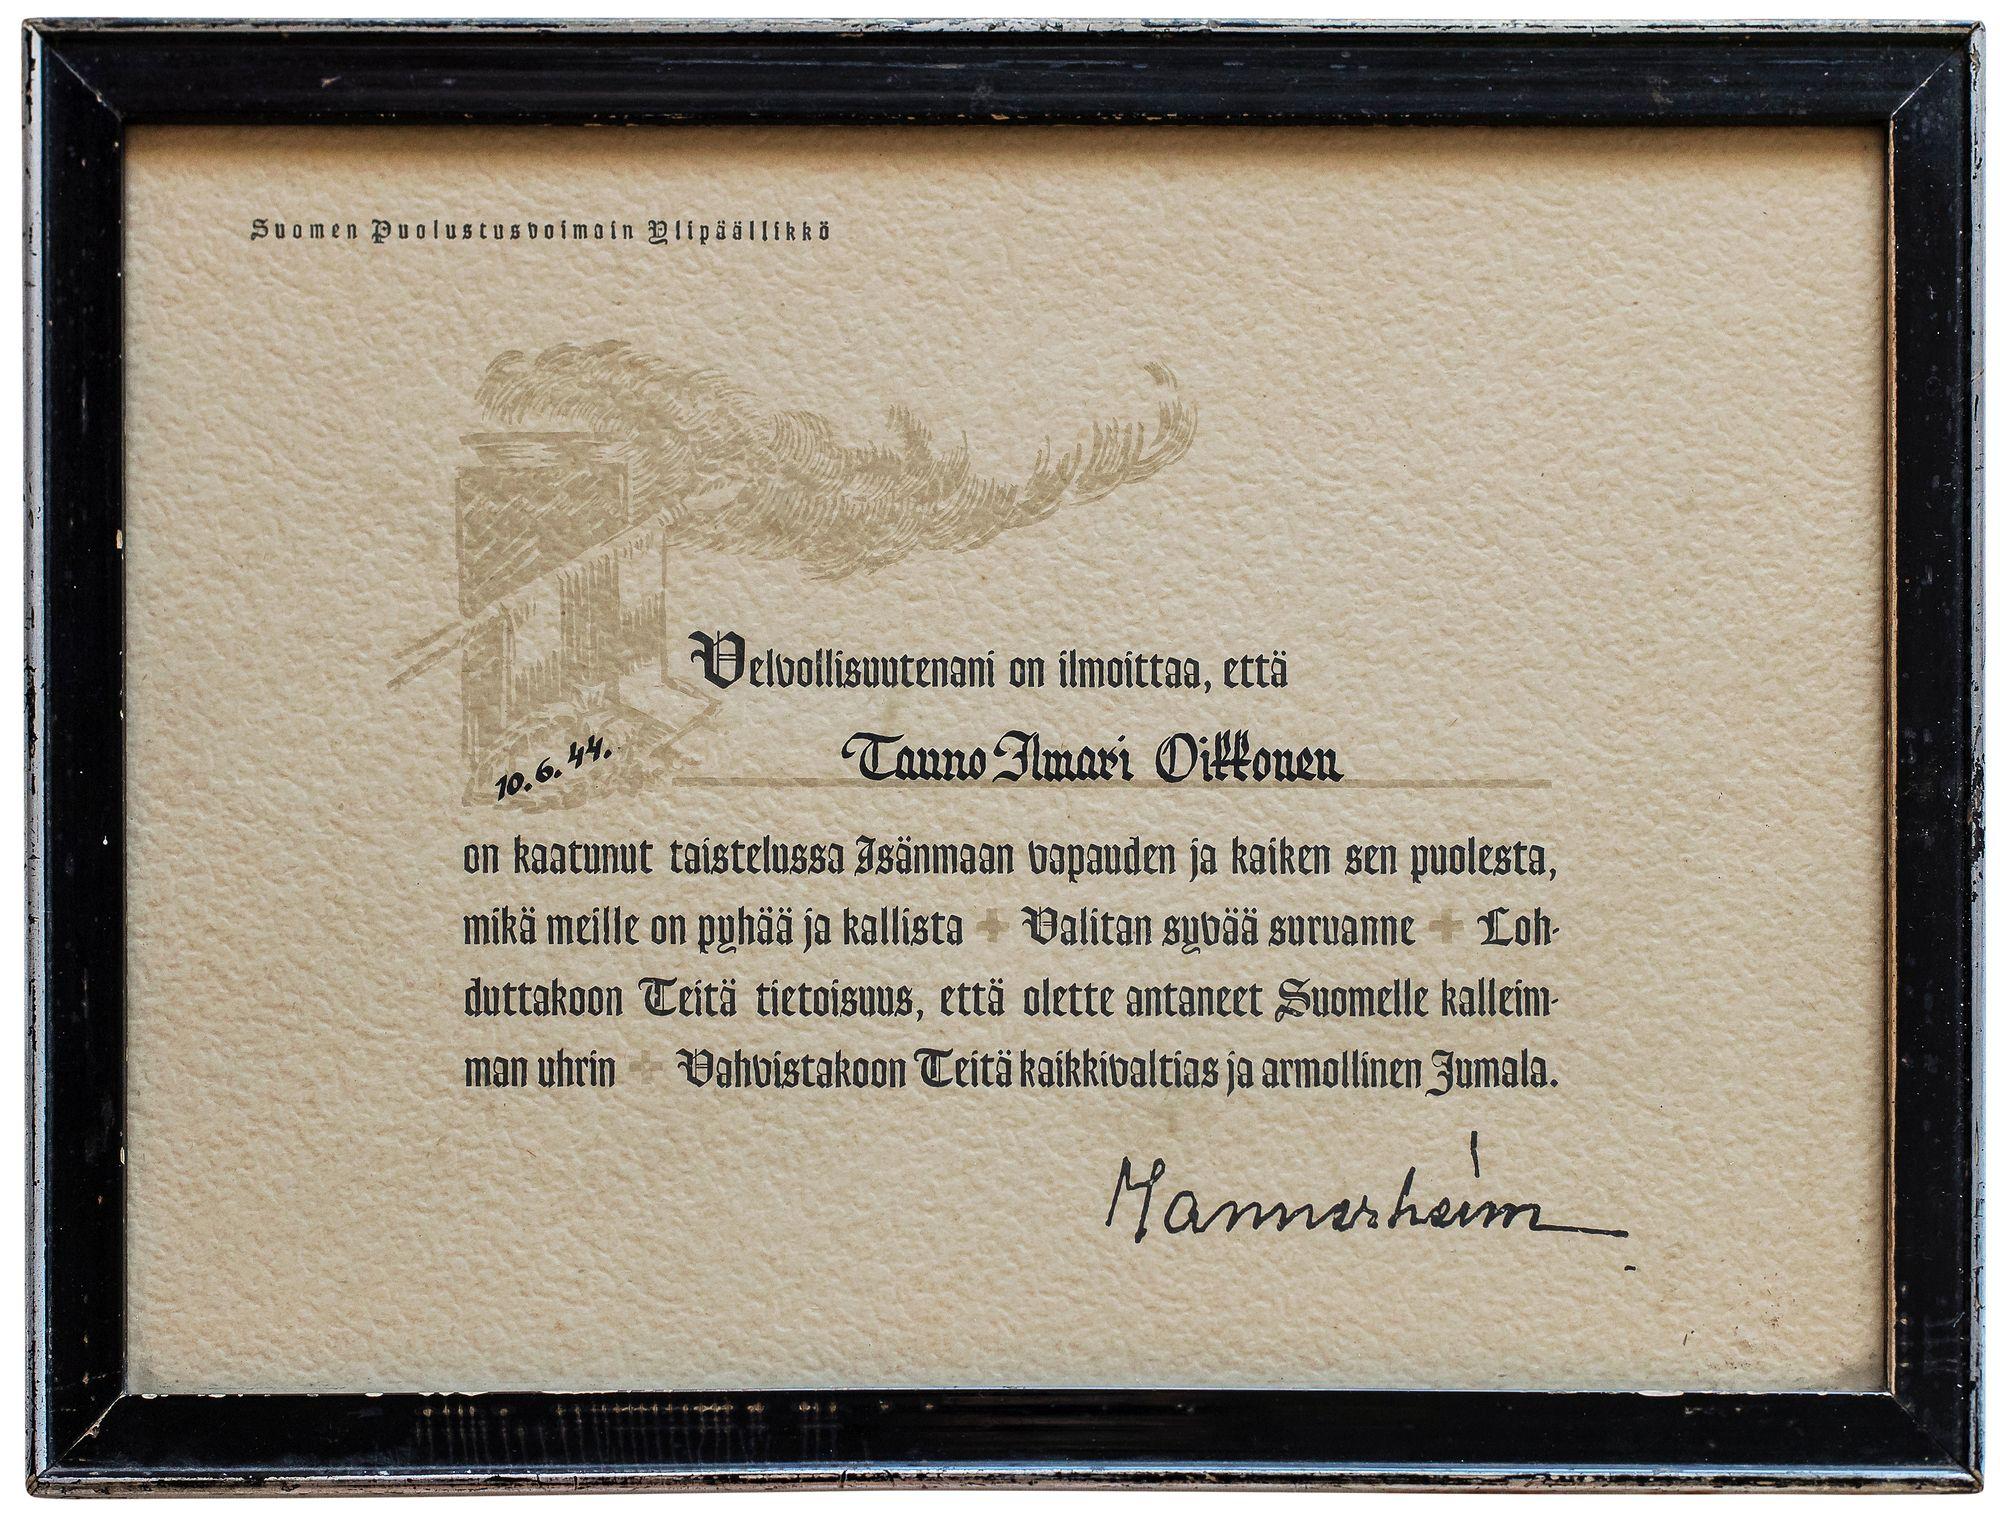 Mannerheimin kirje oli mummollani seinällä kehystettynä.